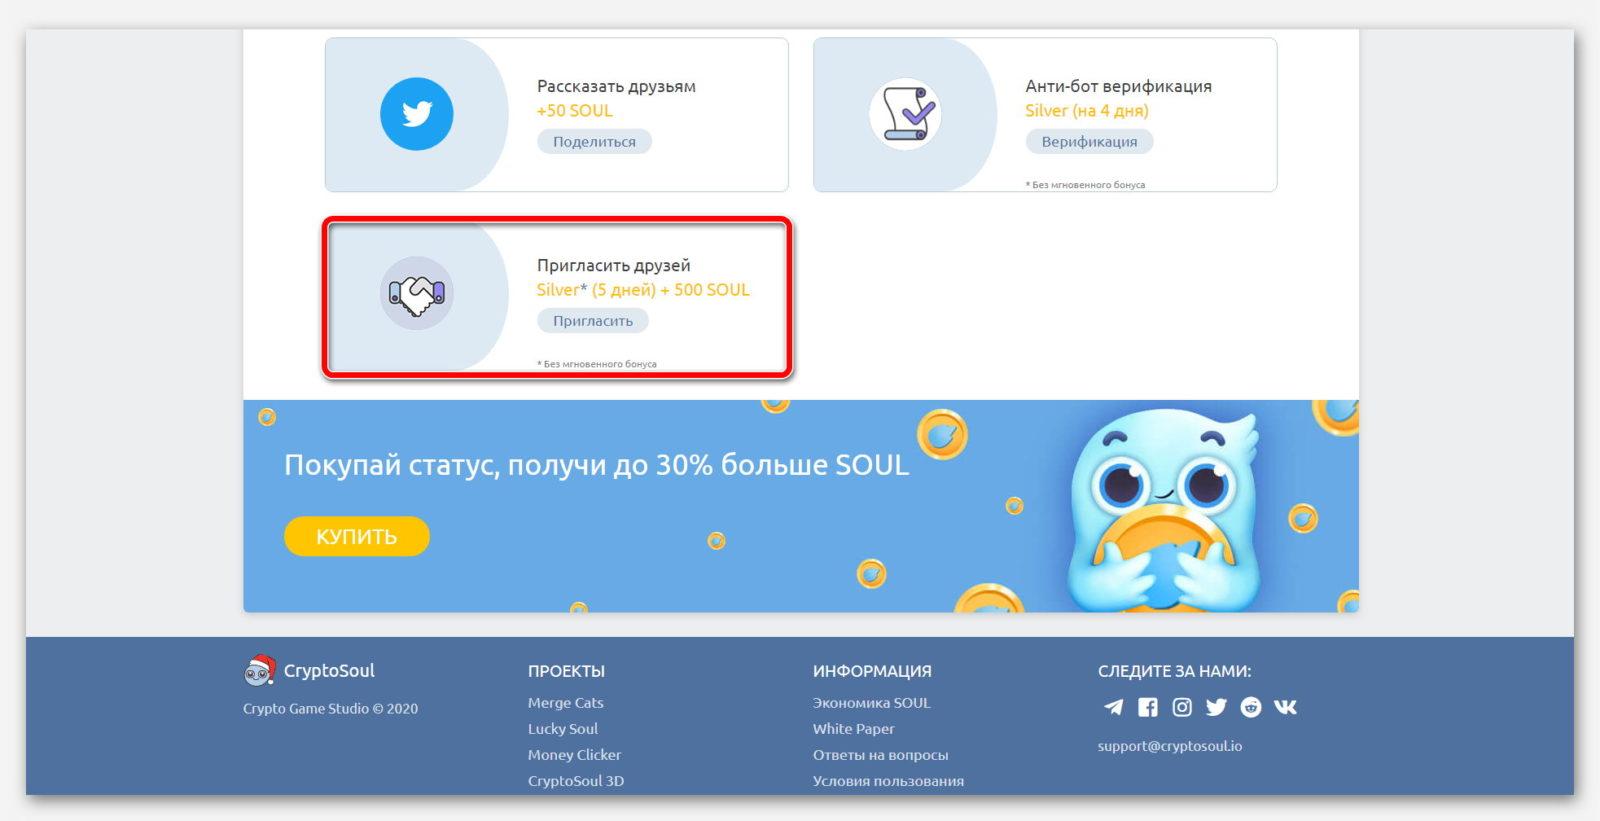 Реферальная система на сайте CryptoSoul